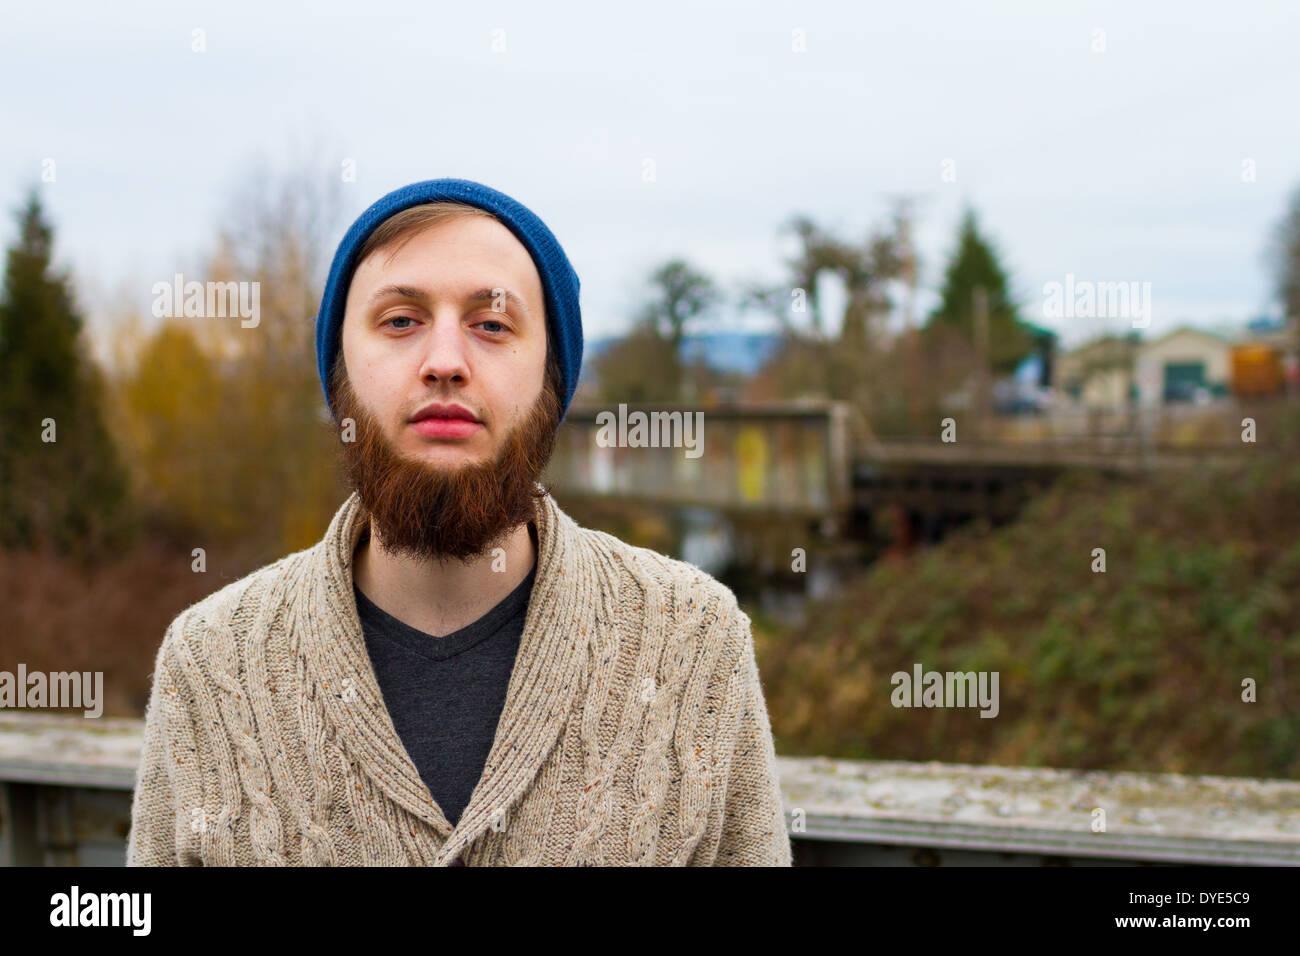 Hipster Kerl zeigen moderne männliche Mode in diesem trendigen Hochformat. Stockbild